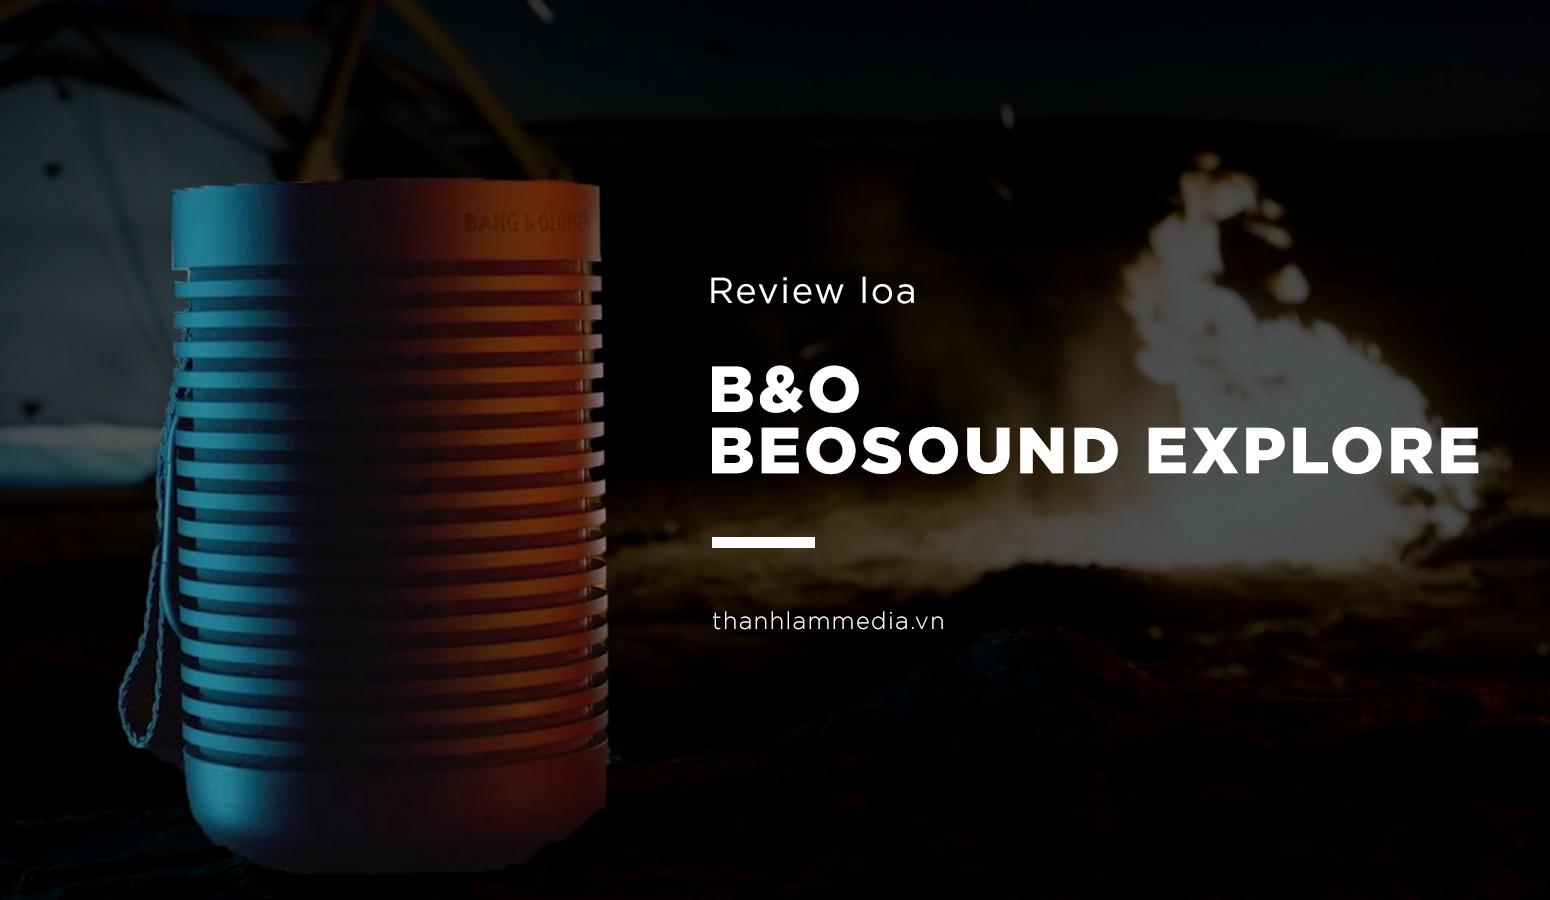 Bang & Olufsen Beosound Explore - Người đồng hành trong những chuyến phiêu lưu 19